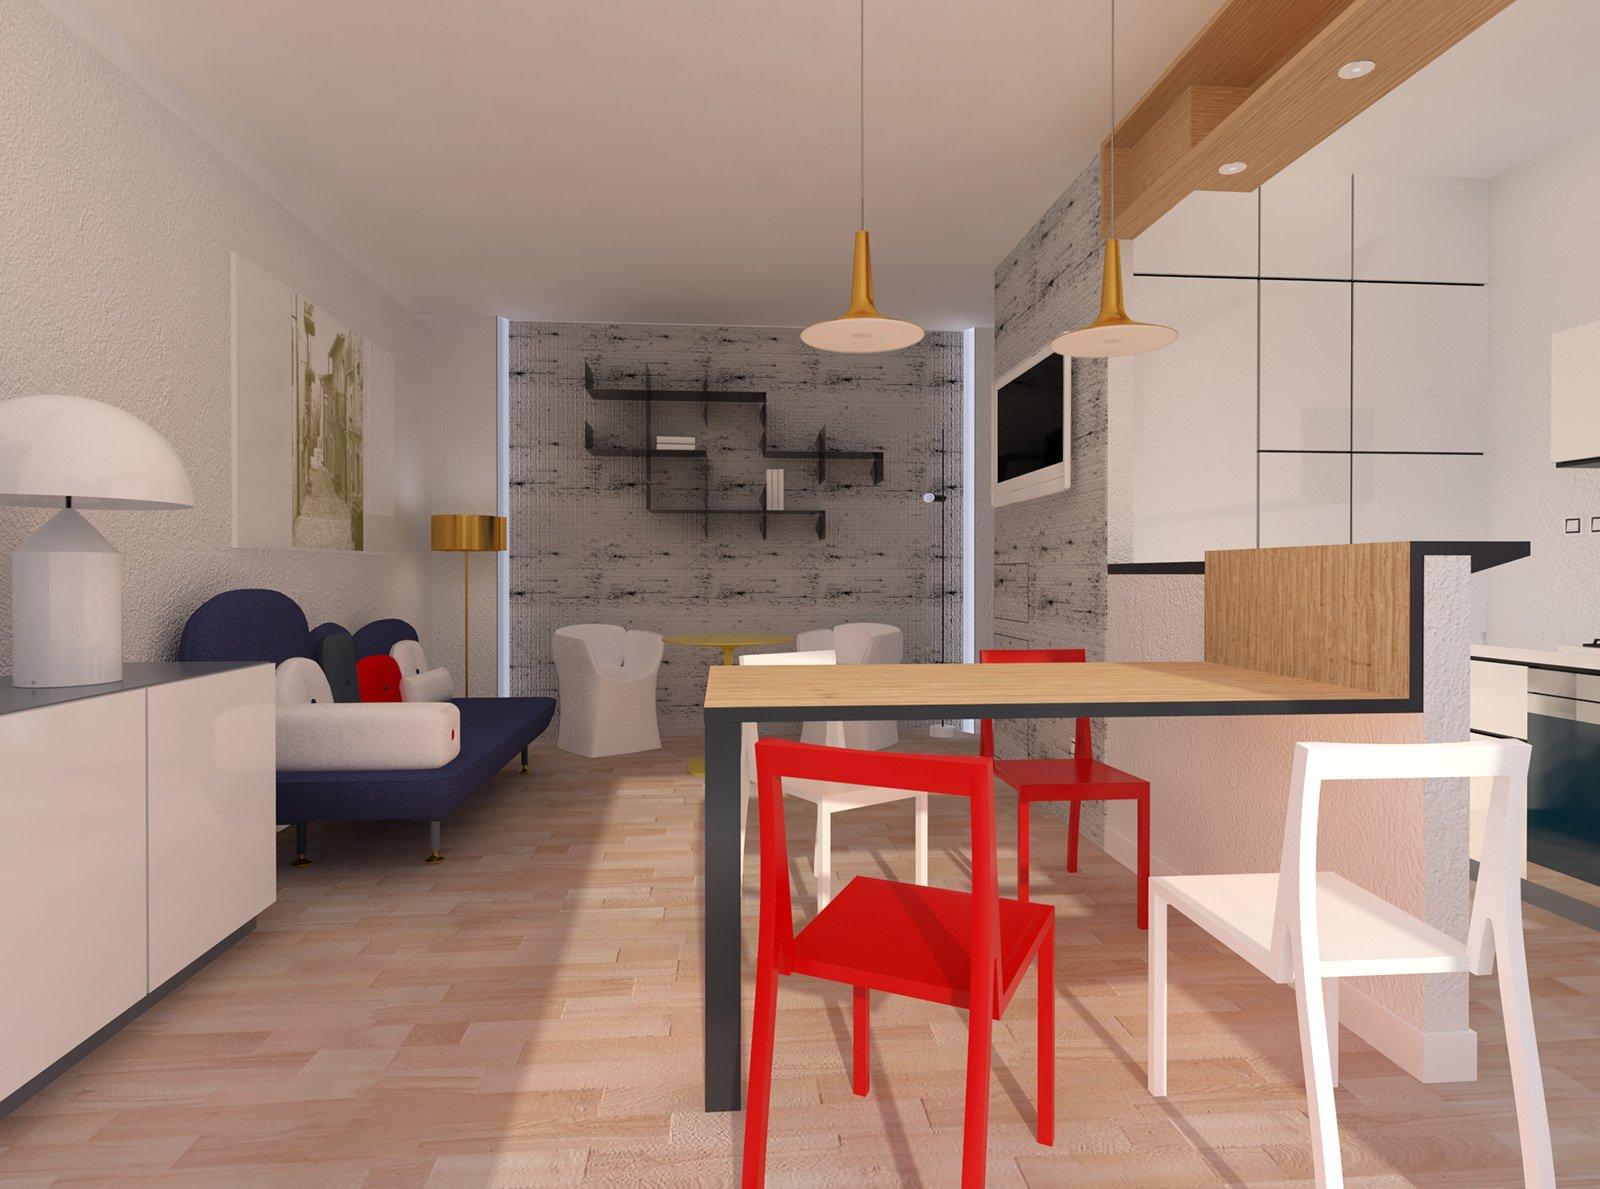 Arredare Il Soggiorno Zona Pranzo Con Cucina A Vista Cose Di Casa #B71714 1600 1189 Sala Da Pranzo E Salotto